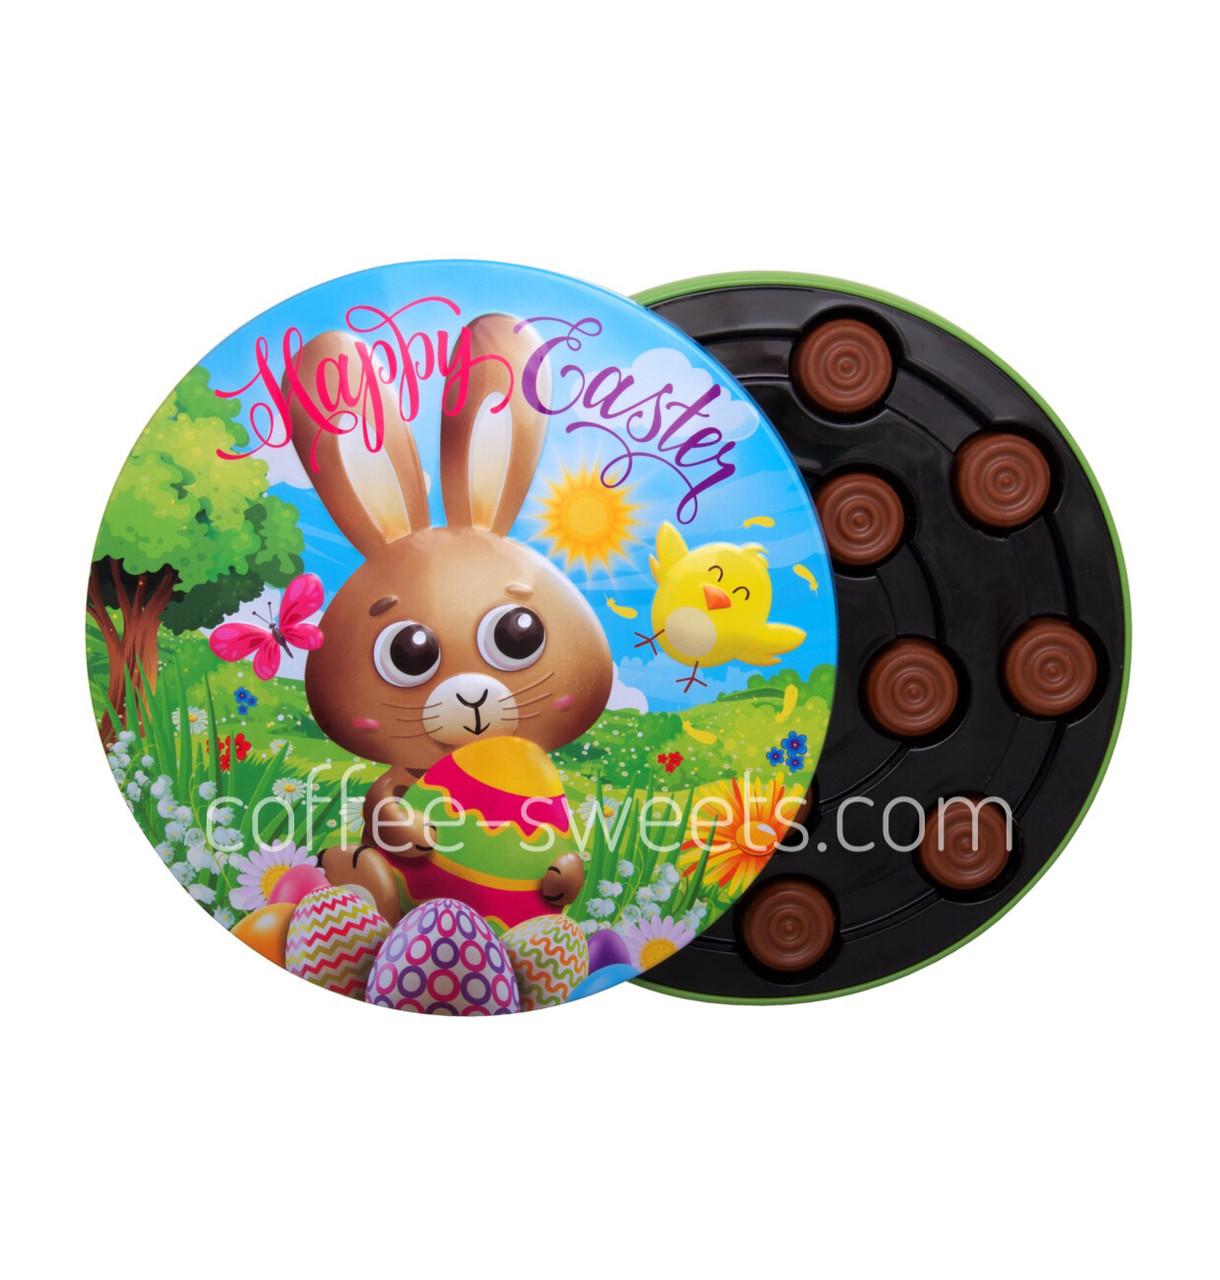 Конфеты шоколадные Happy Easter Only ж\б 100g